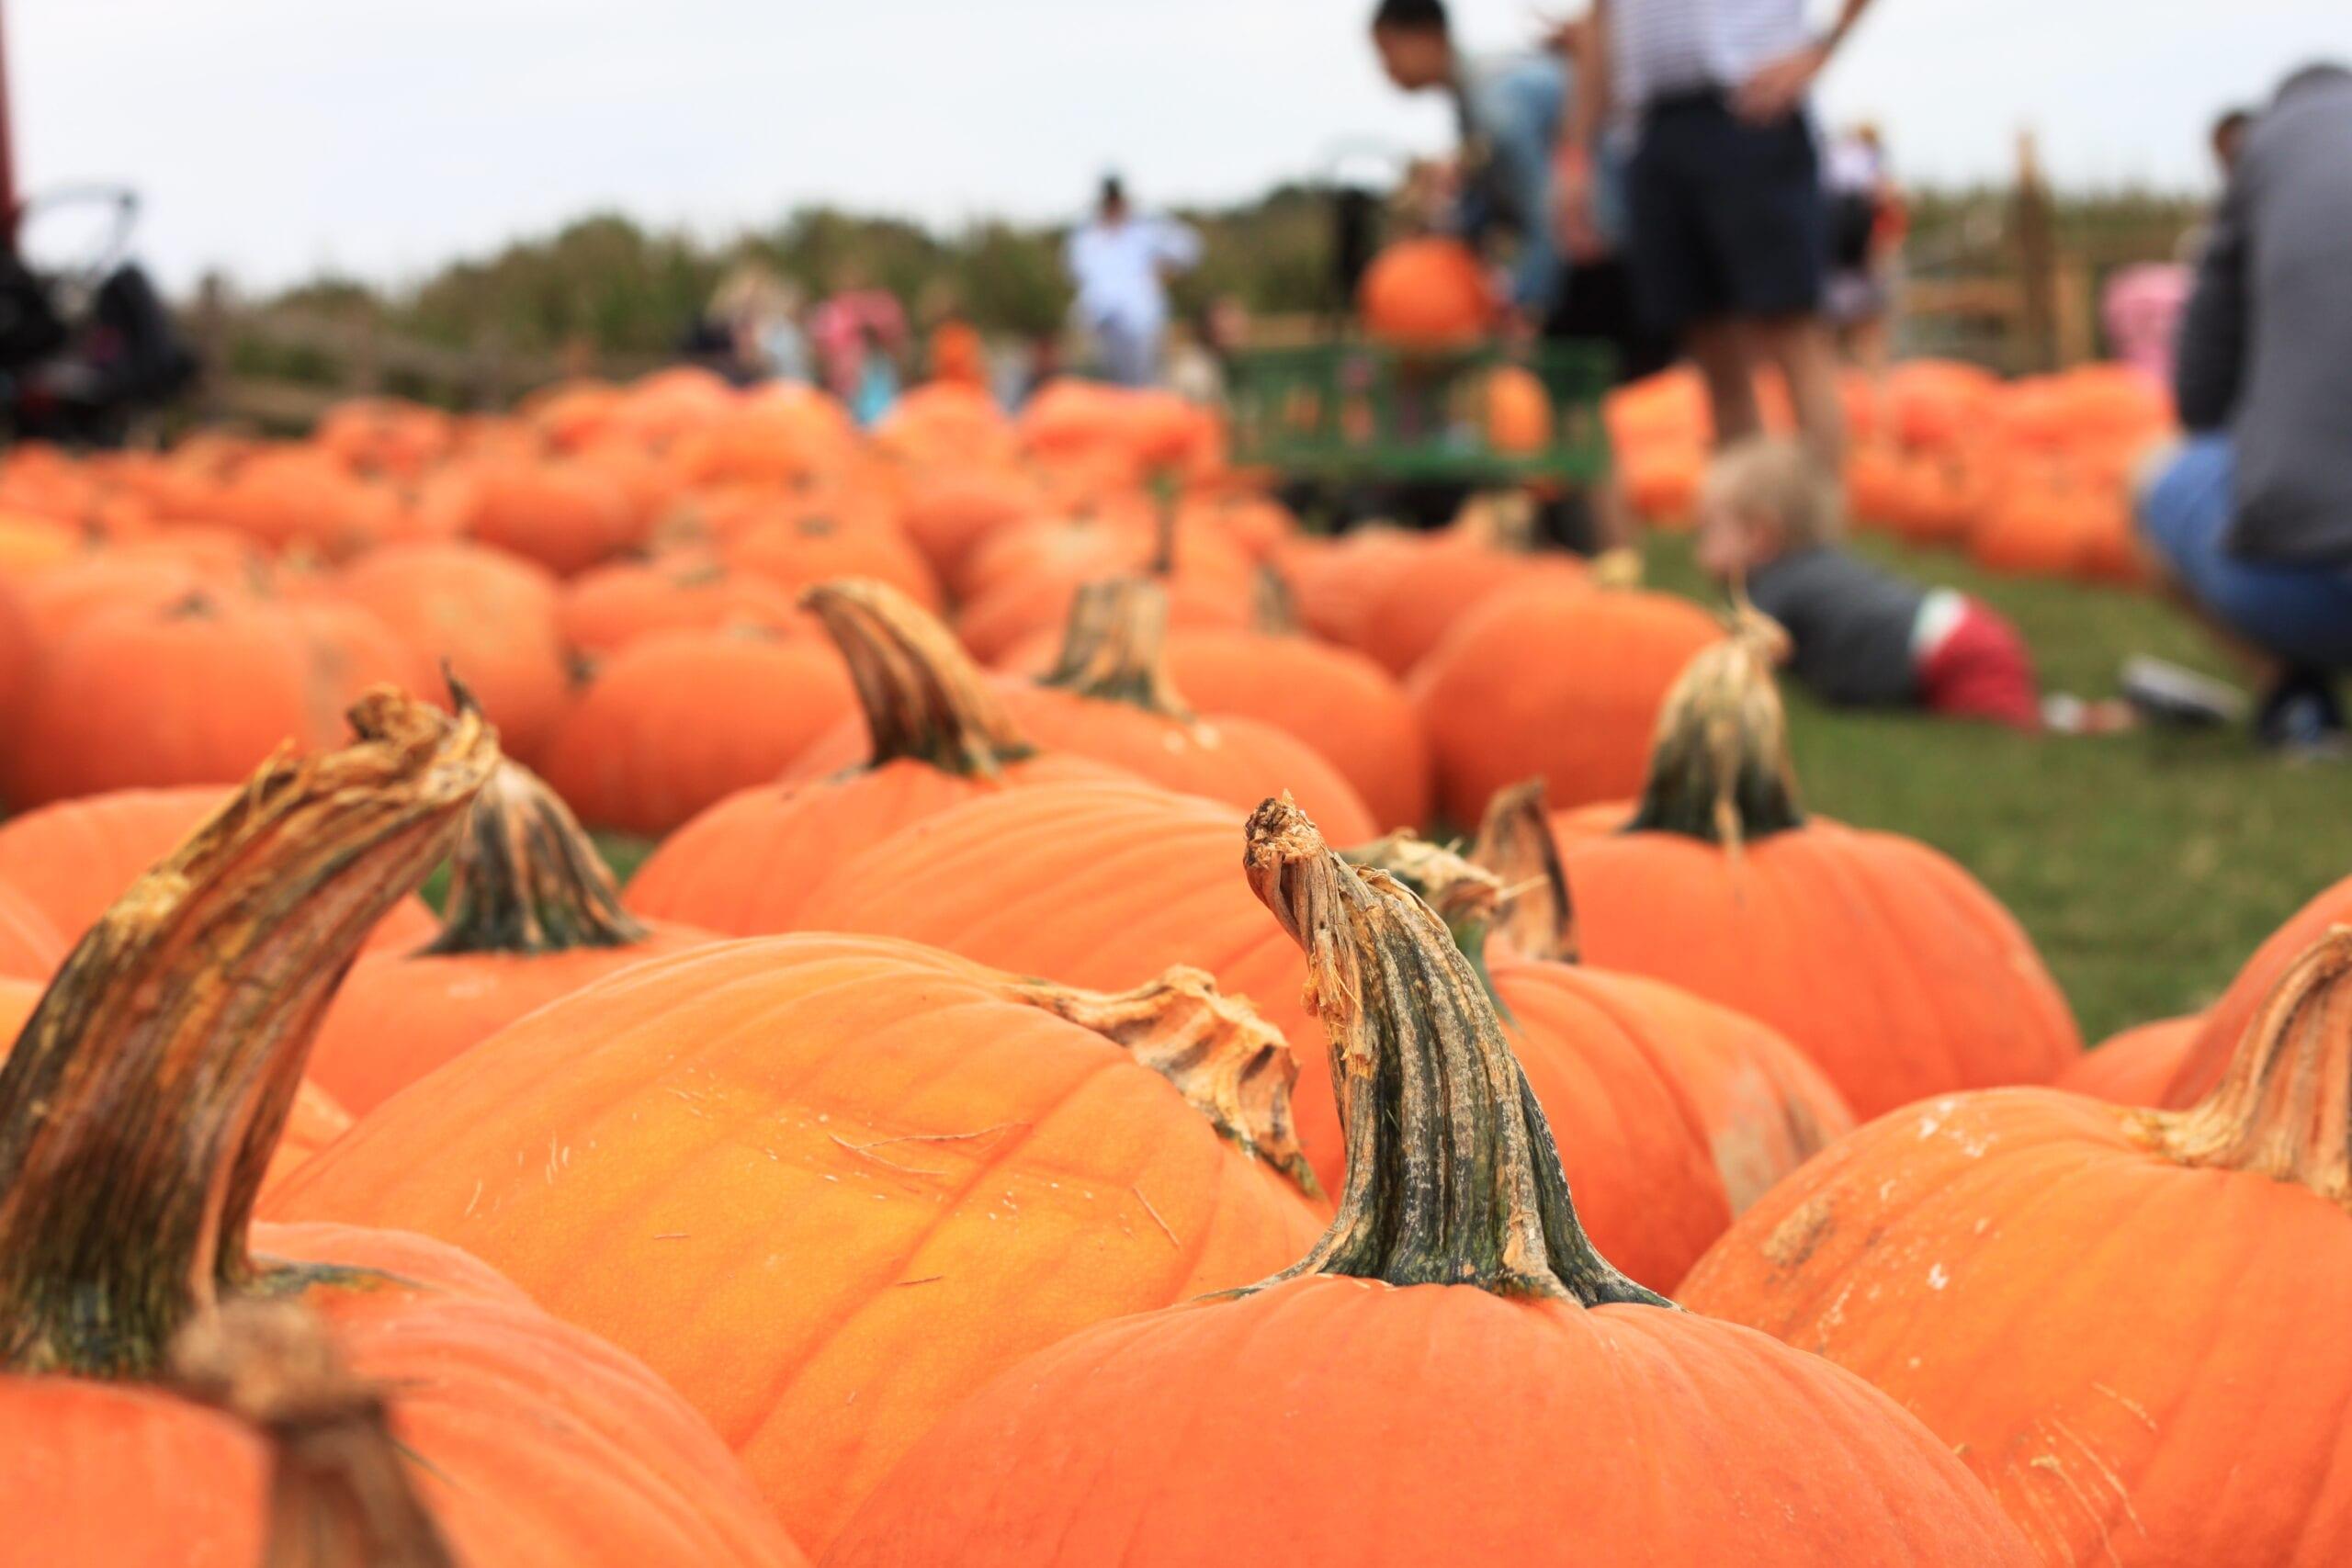 Pumpkin patch in McDonough Georgia